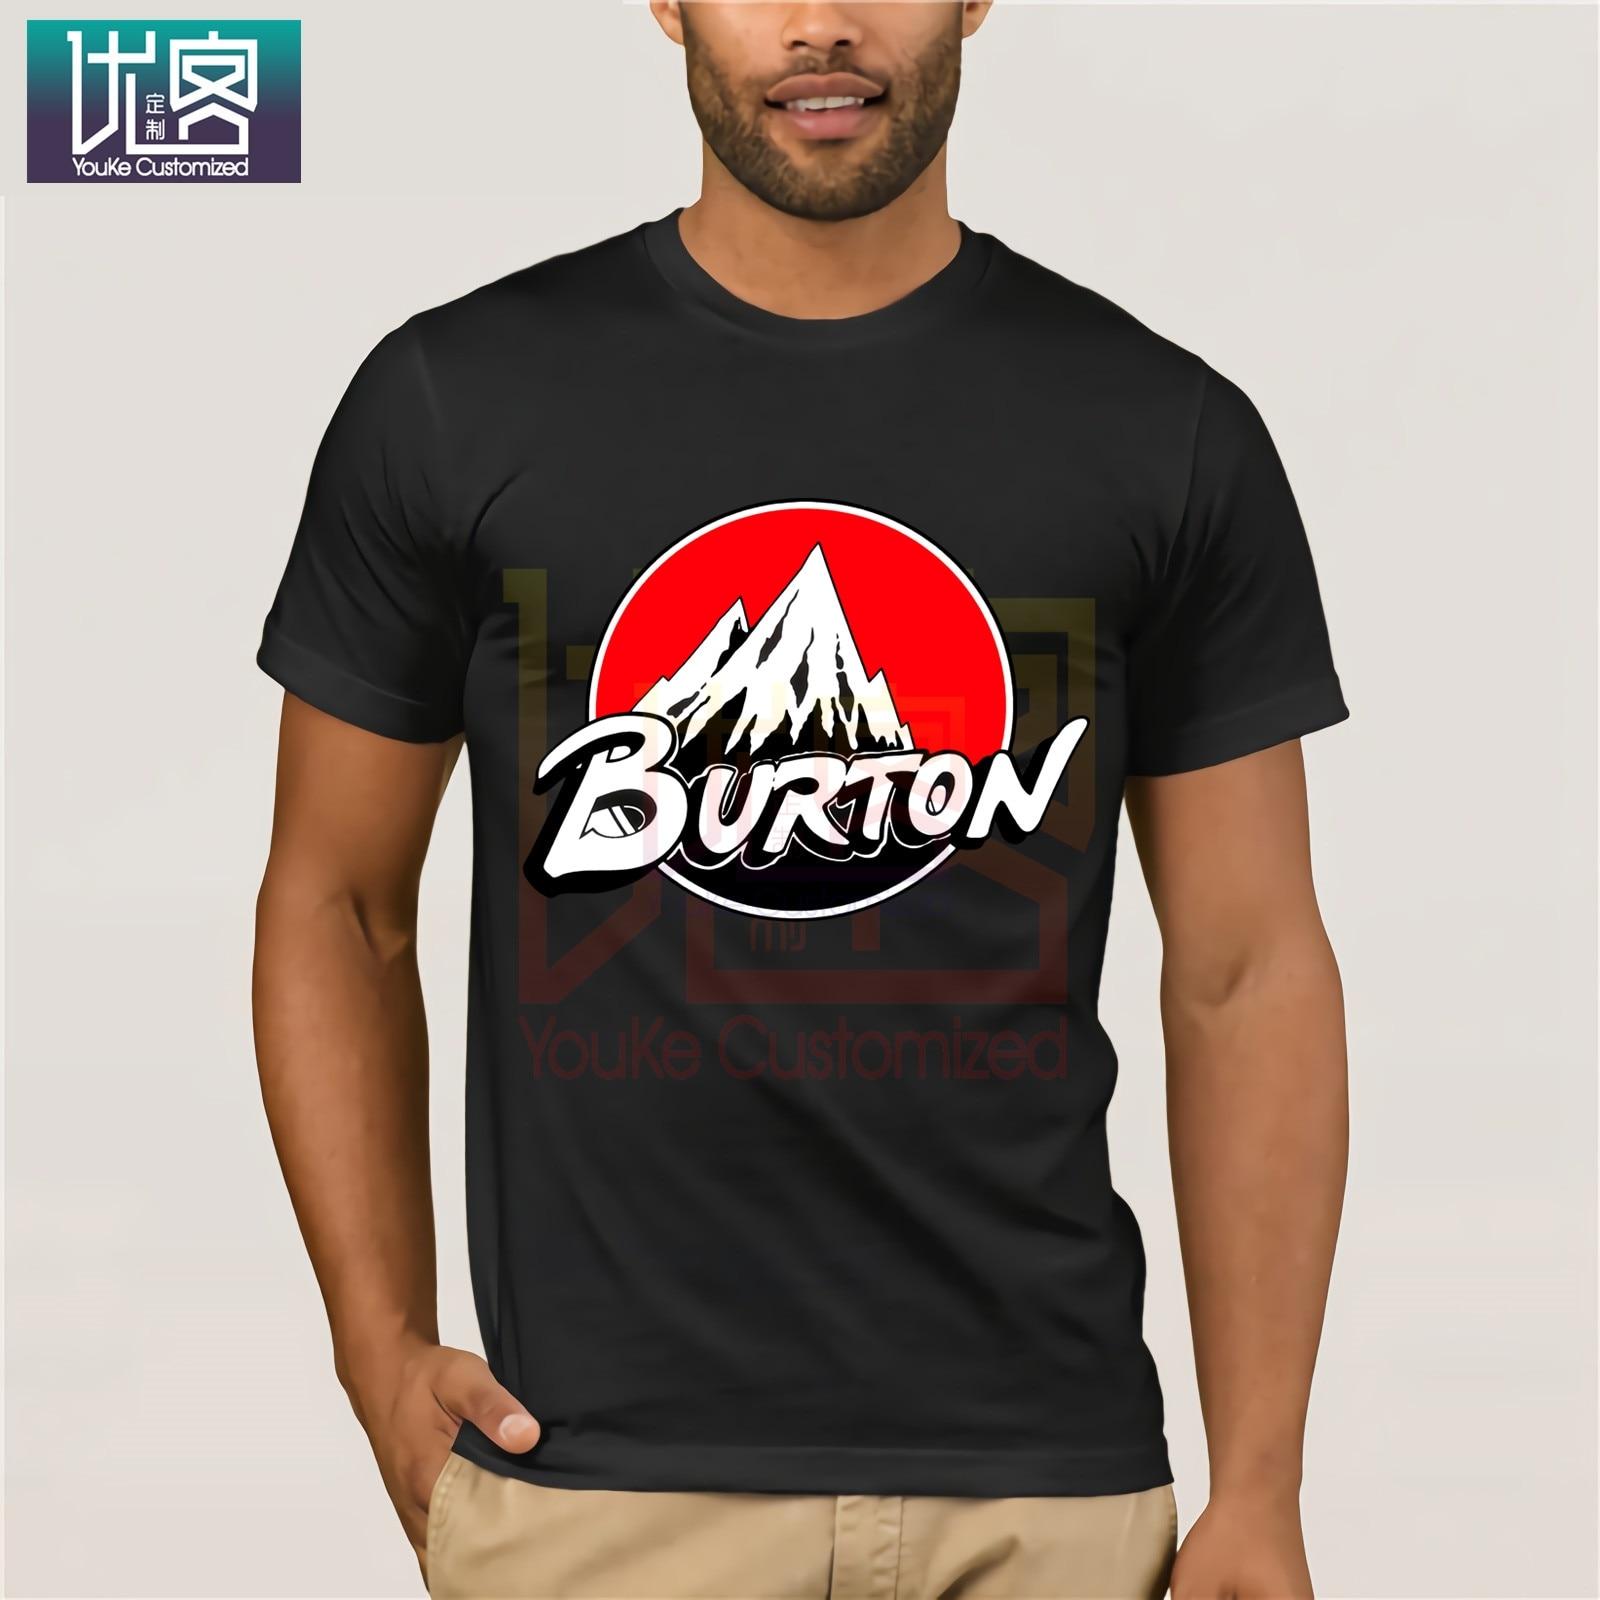 Camiseta roja con Logo de la flecha para snowboard, camiseta de dibujos animados, camisetas de Homme para hombres, Cool 2019 camiseta de humor, Camiseta de algodón para 100%